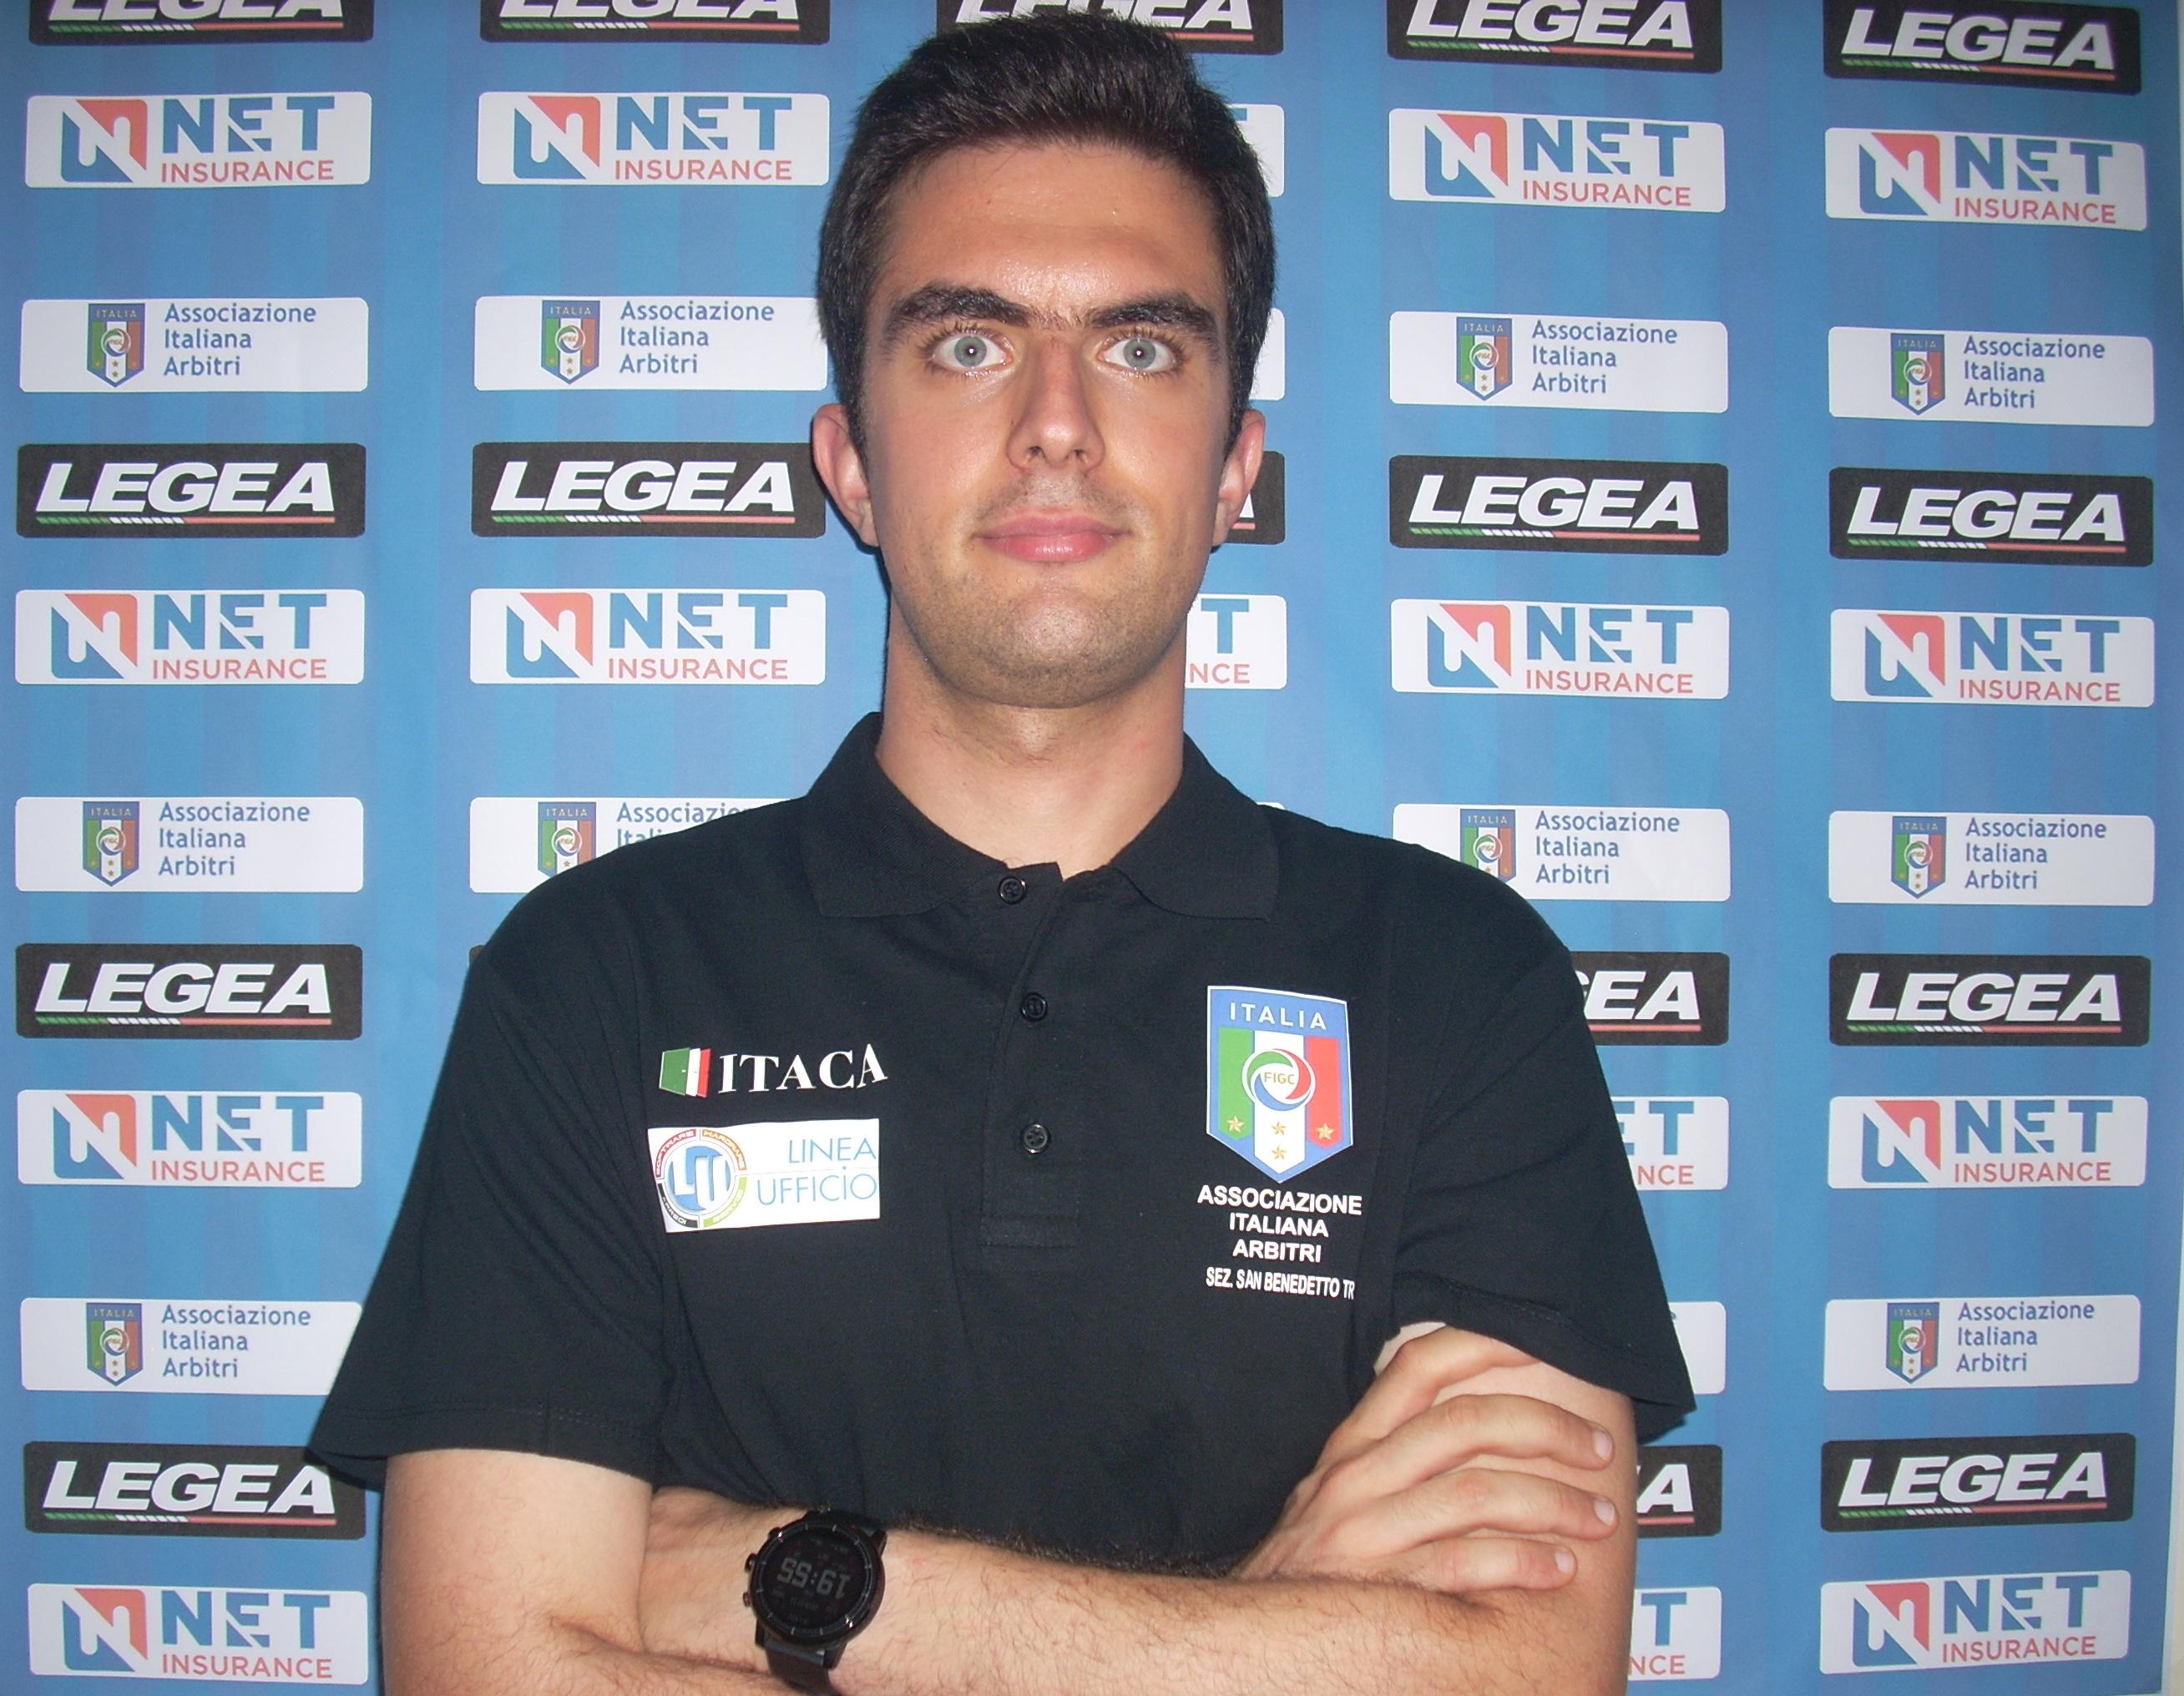 ALESSIO CENSORI